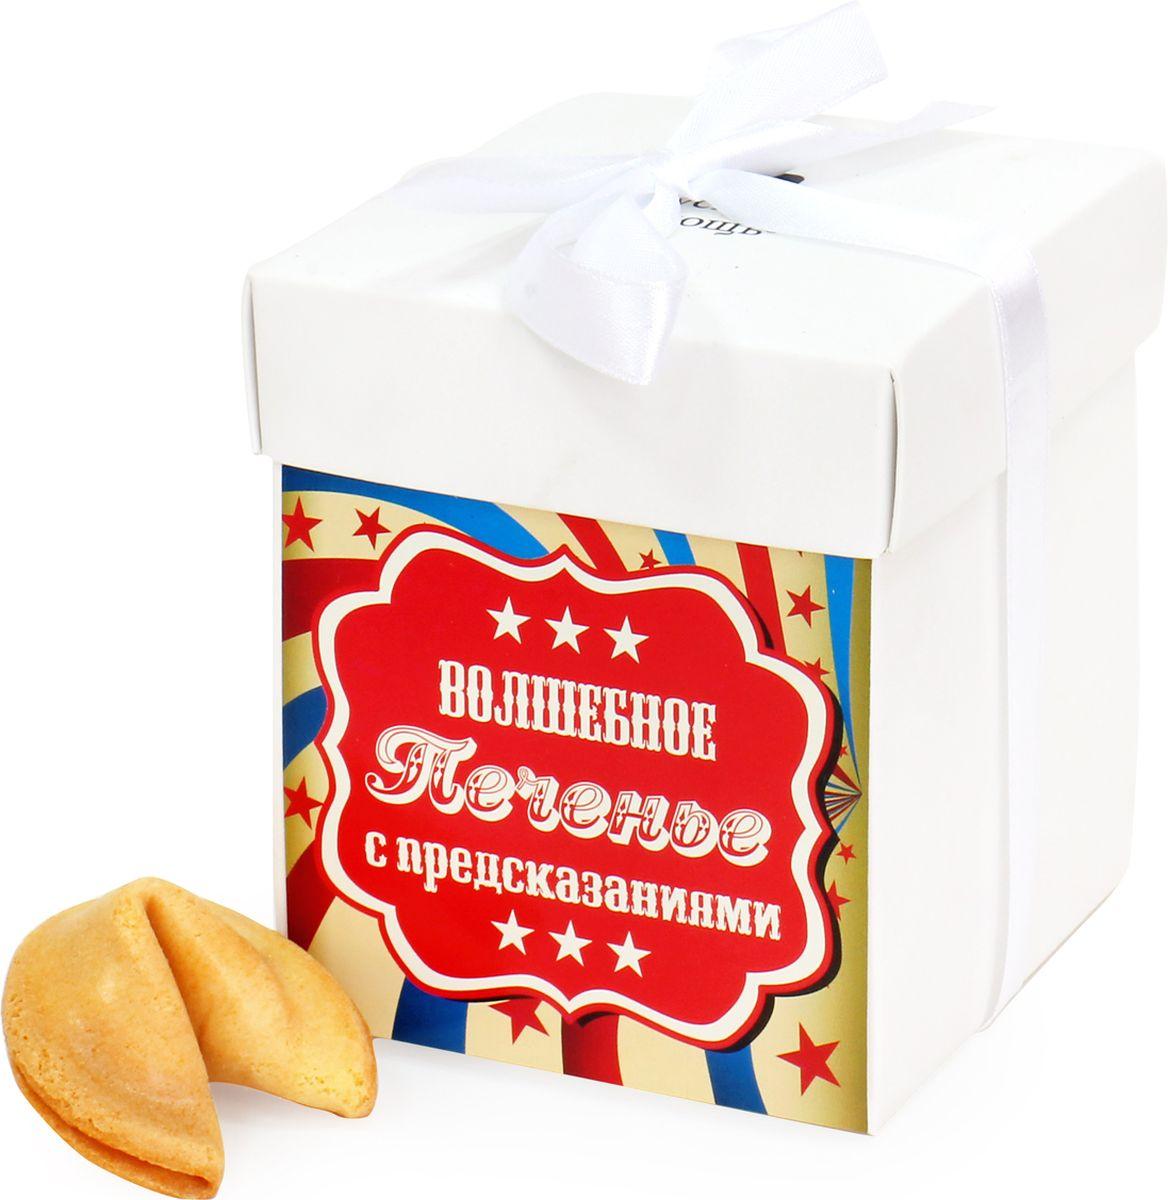 Волшебное печенье Вкусная помощь с предсказаниями, 7 шт0120710Вы скоро устраиваете вечеринку, или вы приглашены на чей-то праздник, а может быть, вы хотите собраться с друзьями, попивая чашечку ароматного чая? Тогда стоит подумать об изюминке, которые вы готовы привнести на ваше мероприятие. Прекрасное дополнение для вашего праздника – это печенье с предсказаниями.Предсказания наполнены теплотой и нежностью, они будут приятны каждому. Покупайте коробку печенек с предсказаниями – испытывайте судьбу!Примеры китайских предсказаний:Любви пусть вашей яркий свет, вас греет много-много летВас ждут путешествияВас ждет встреча с важным человекомВы станете для кого-то подарком судьбыВас ждет удачное решение денежных вопросовОчень полезными окажутся старые связиВы сможете взглянуть на мир по-новомуНеделя благоприятна для налаживания семейных отношенийНе бойтесь менять что-то в своей профессиональной жизниВас ожидает вечеринка-сюрпризСконцентрируйте все силы на воплощение главной мечтыВнутри семь хрустящих печений зефирного вкуса с записочками в красочной упаковке.